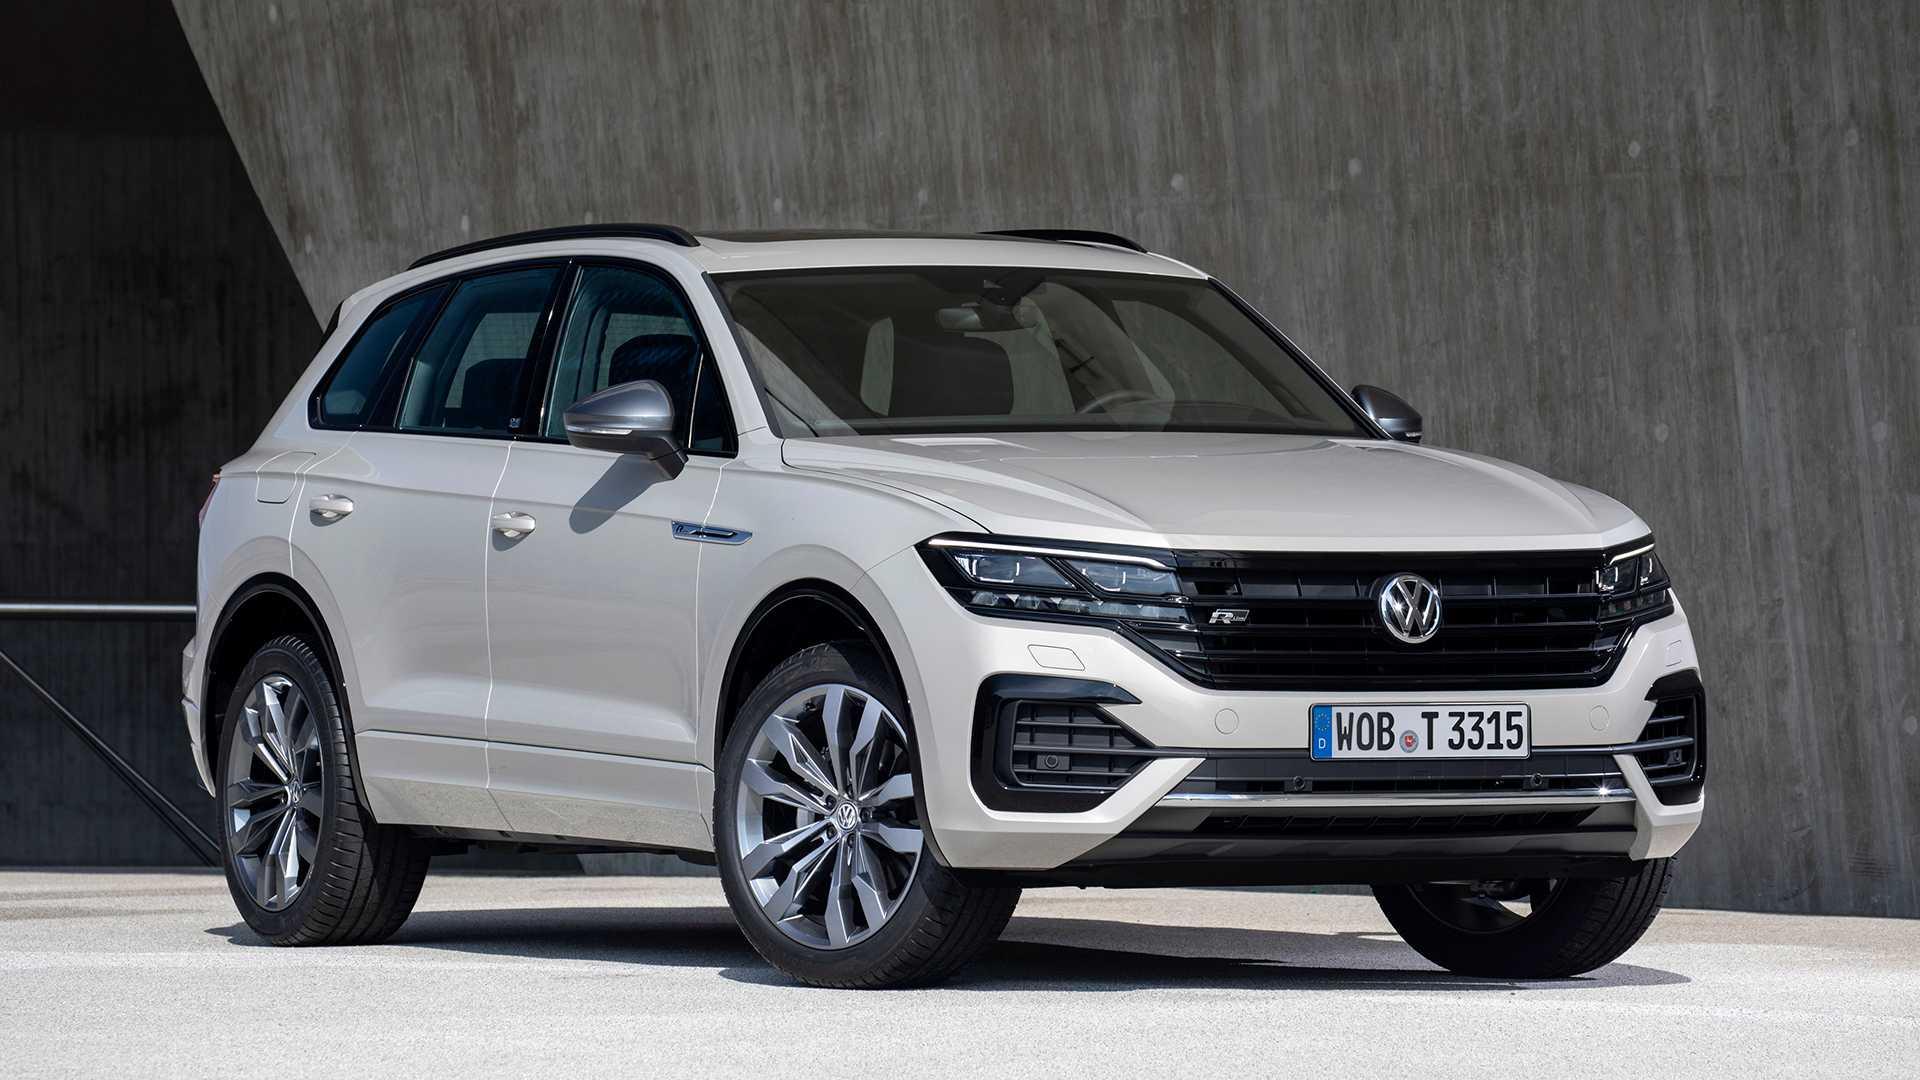 VW Touareg edição especial 1 milhão